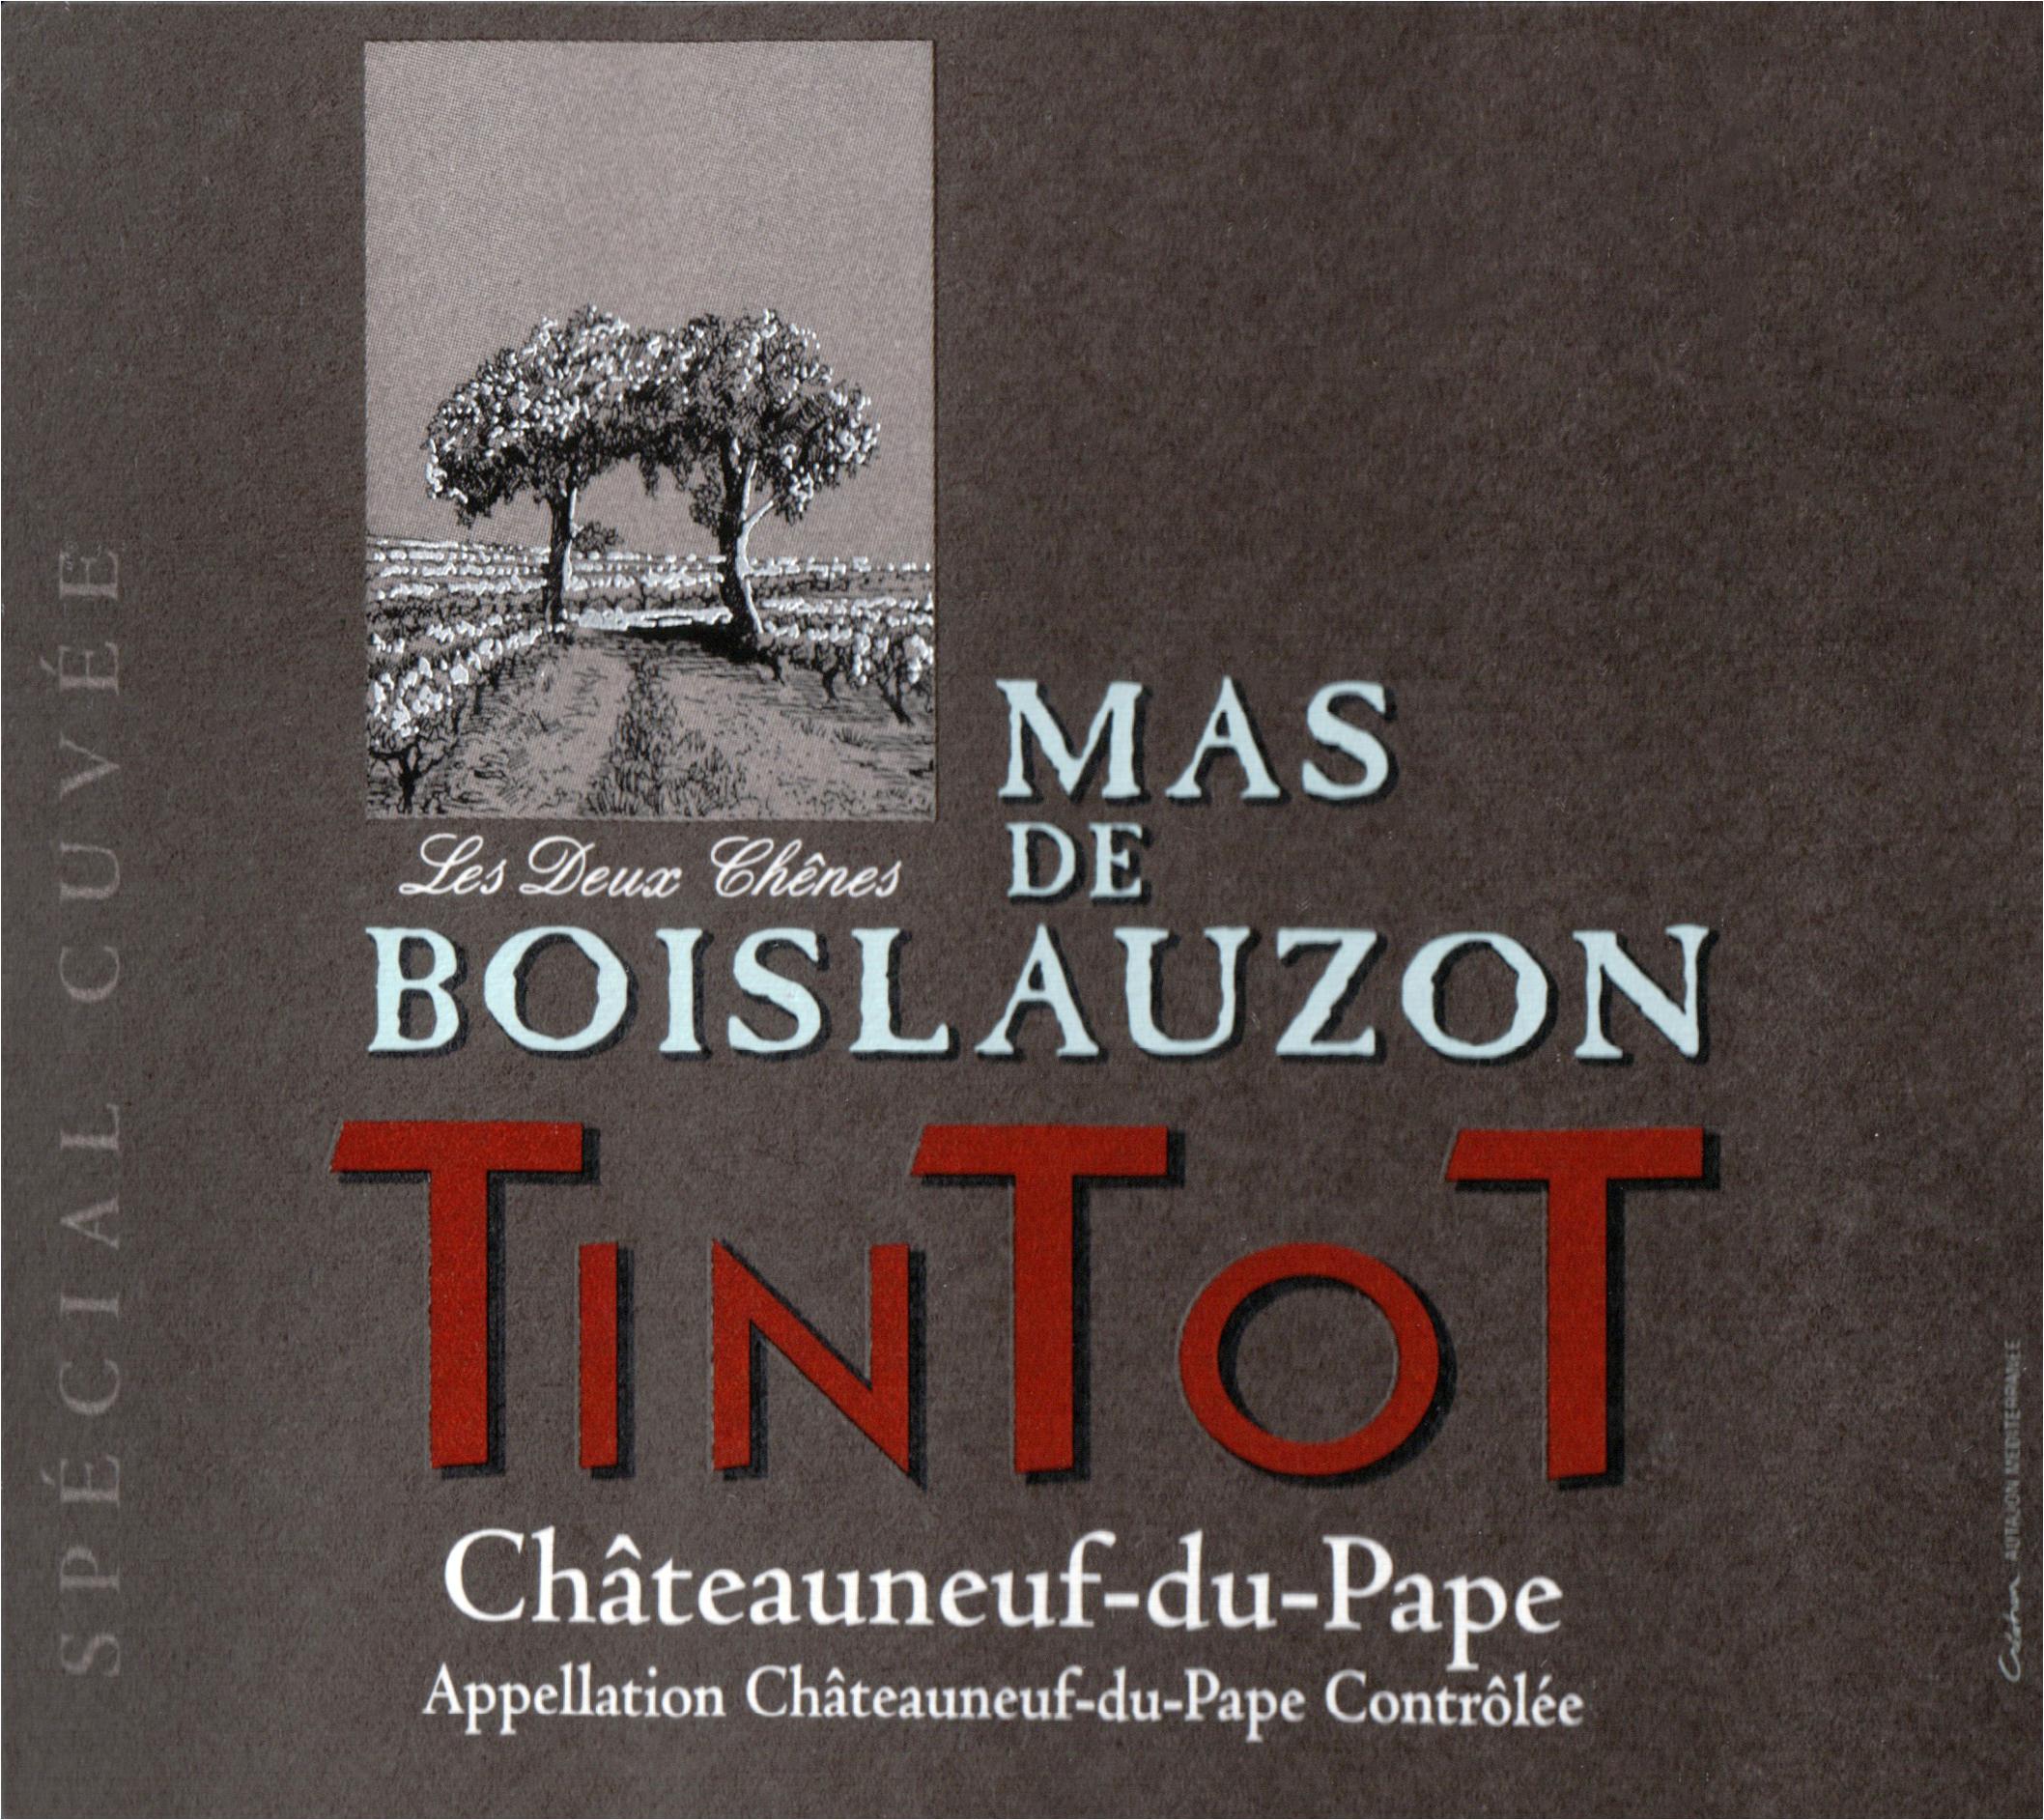 Mas De Boislauzon Tintot Chateauneuf Du Pape 2016